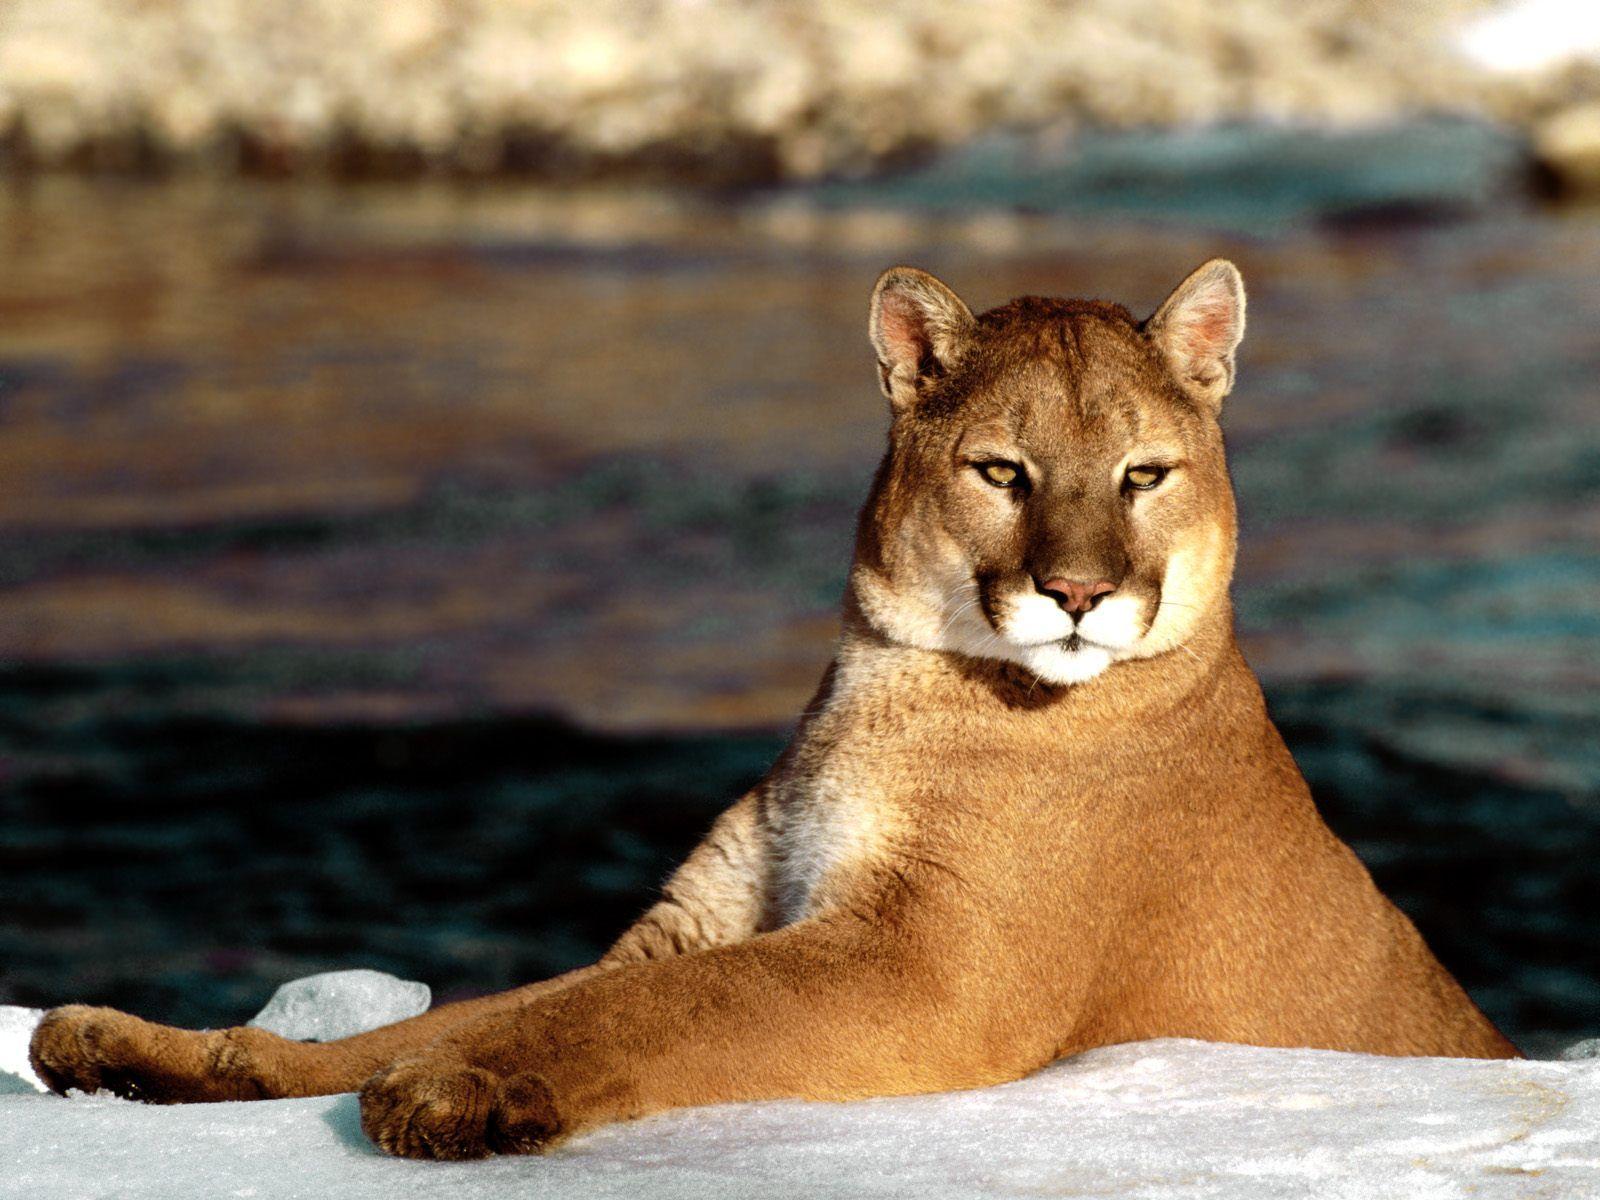 fond d'écran cougar